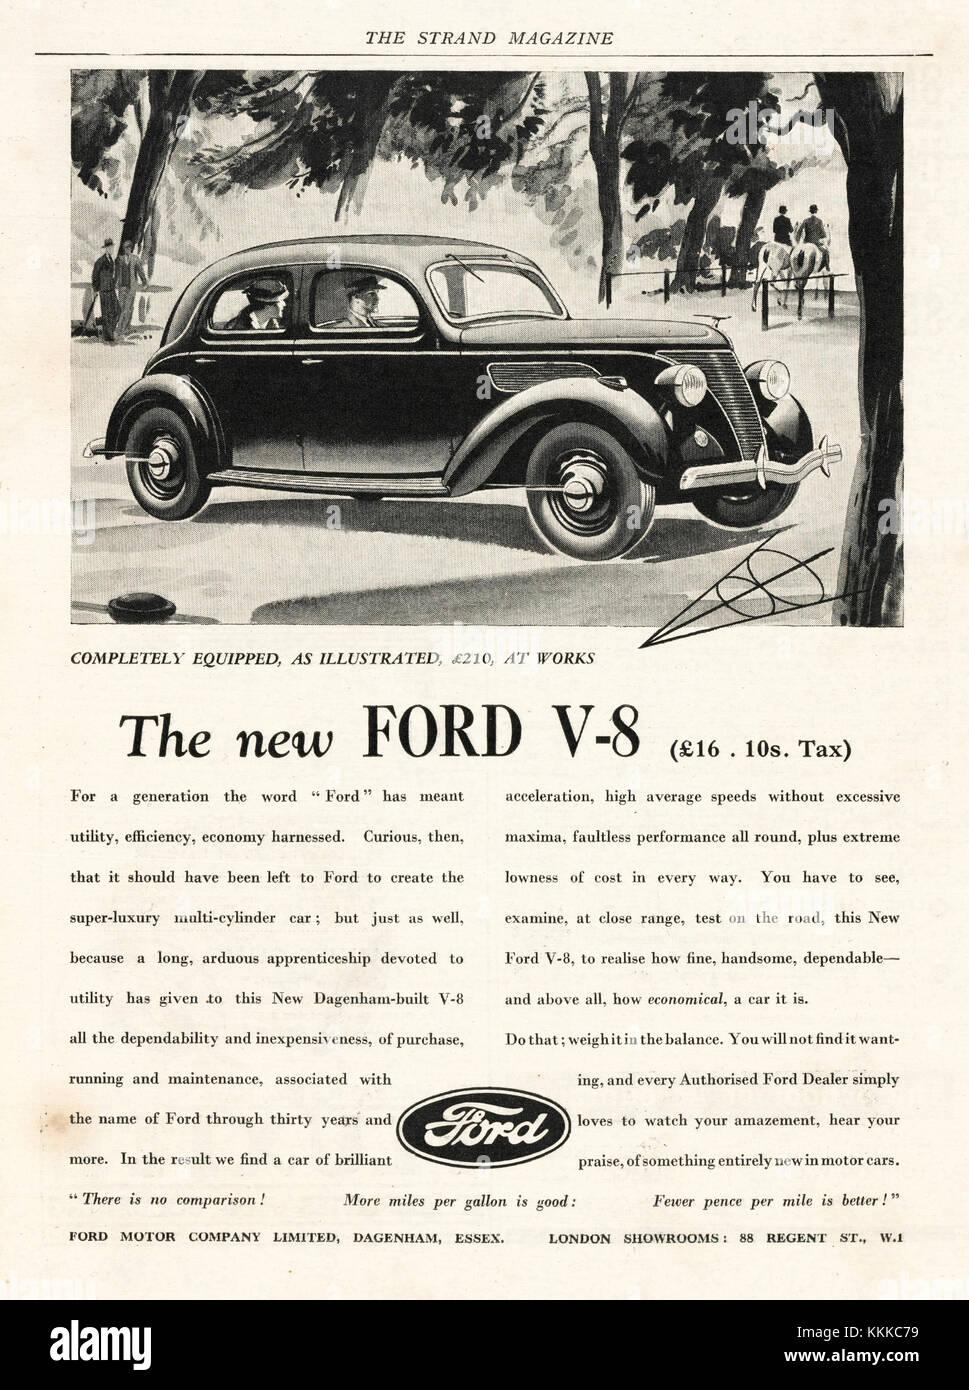 1936 UK Magazine Ford Car Advert - Stock Image